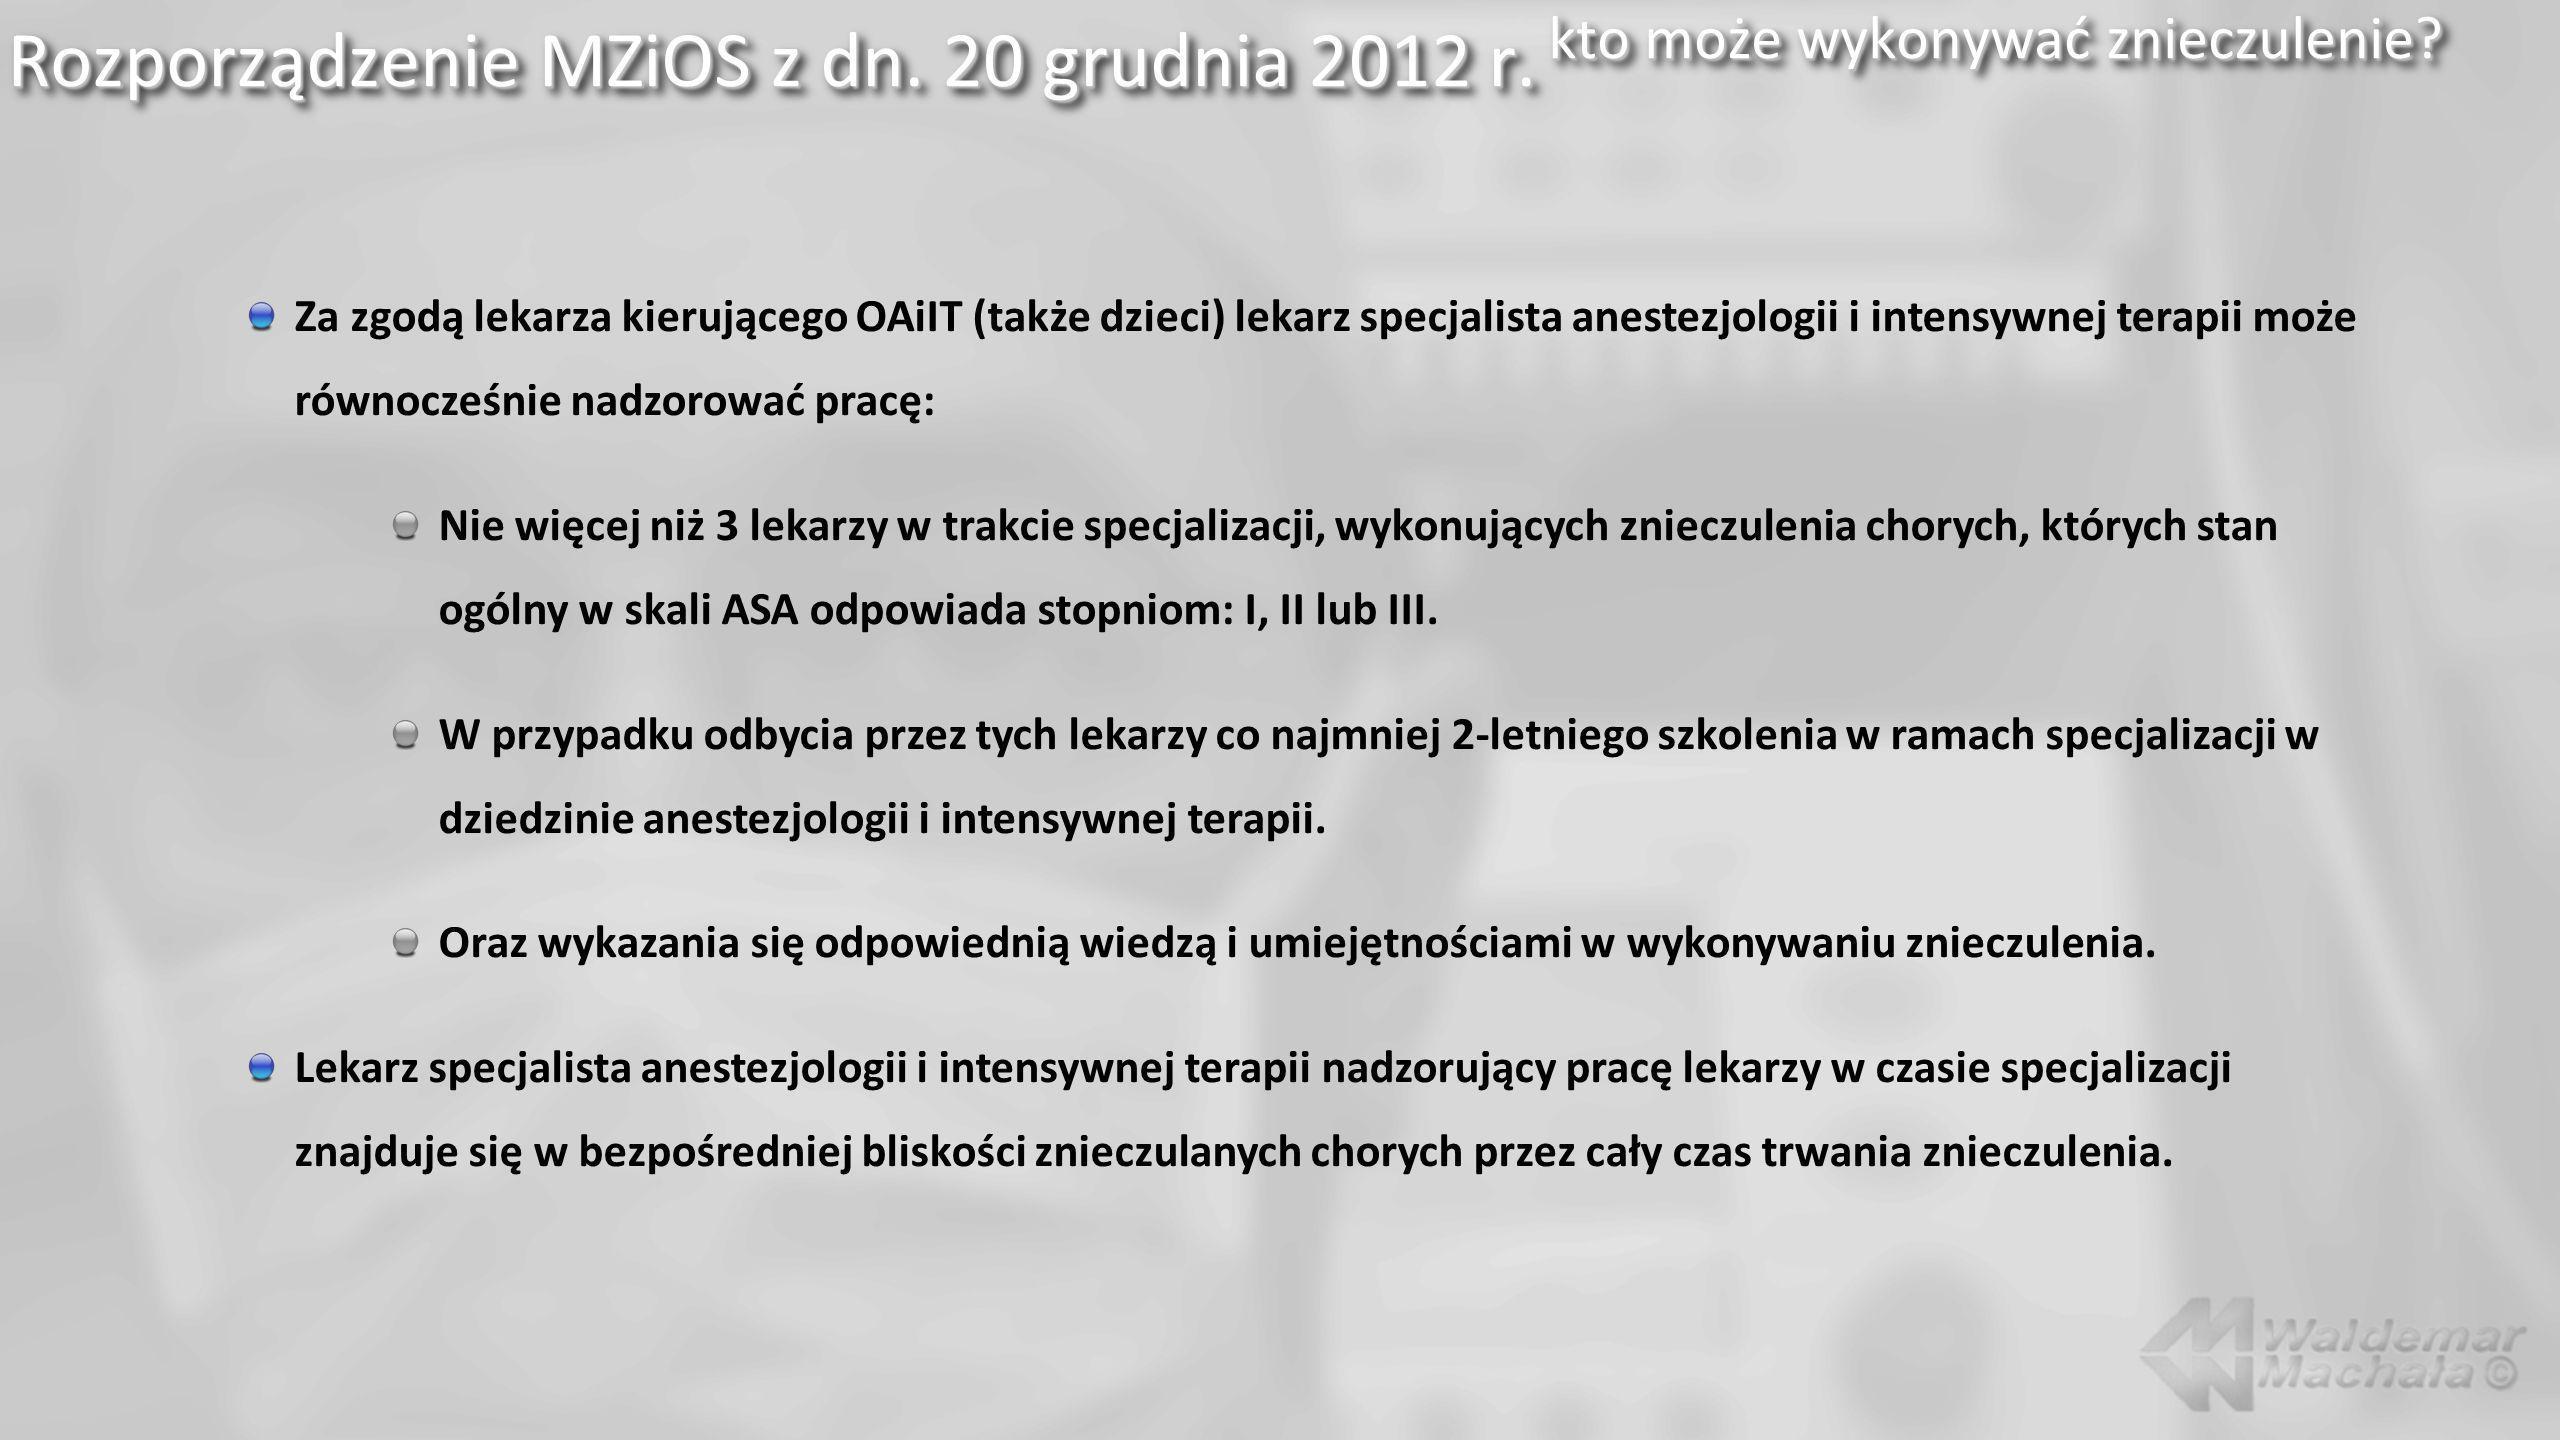 Rozporządzenie MZiOS z dn. 20 grudnia 2012 r. kto może wykonywać znieczulenie? Za zgodą lekarza kierującego OAiIT (także dzieci) lekarz specjalista an